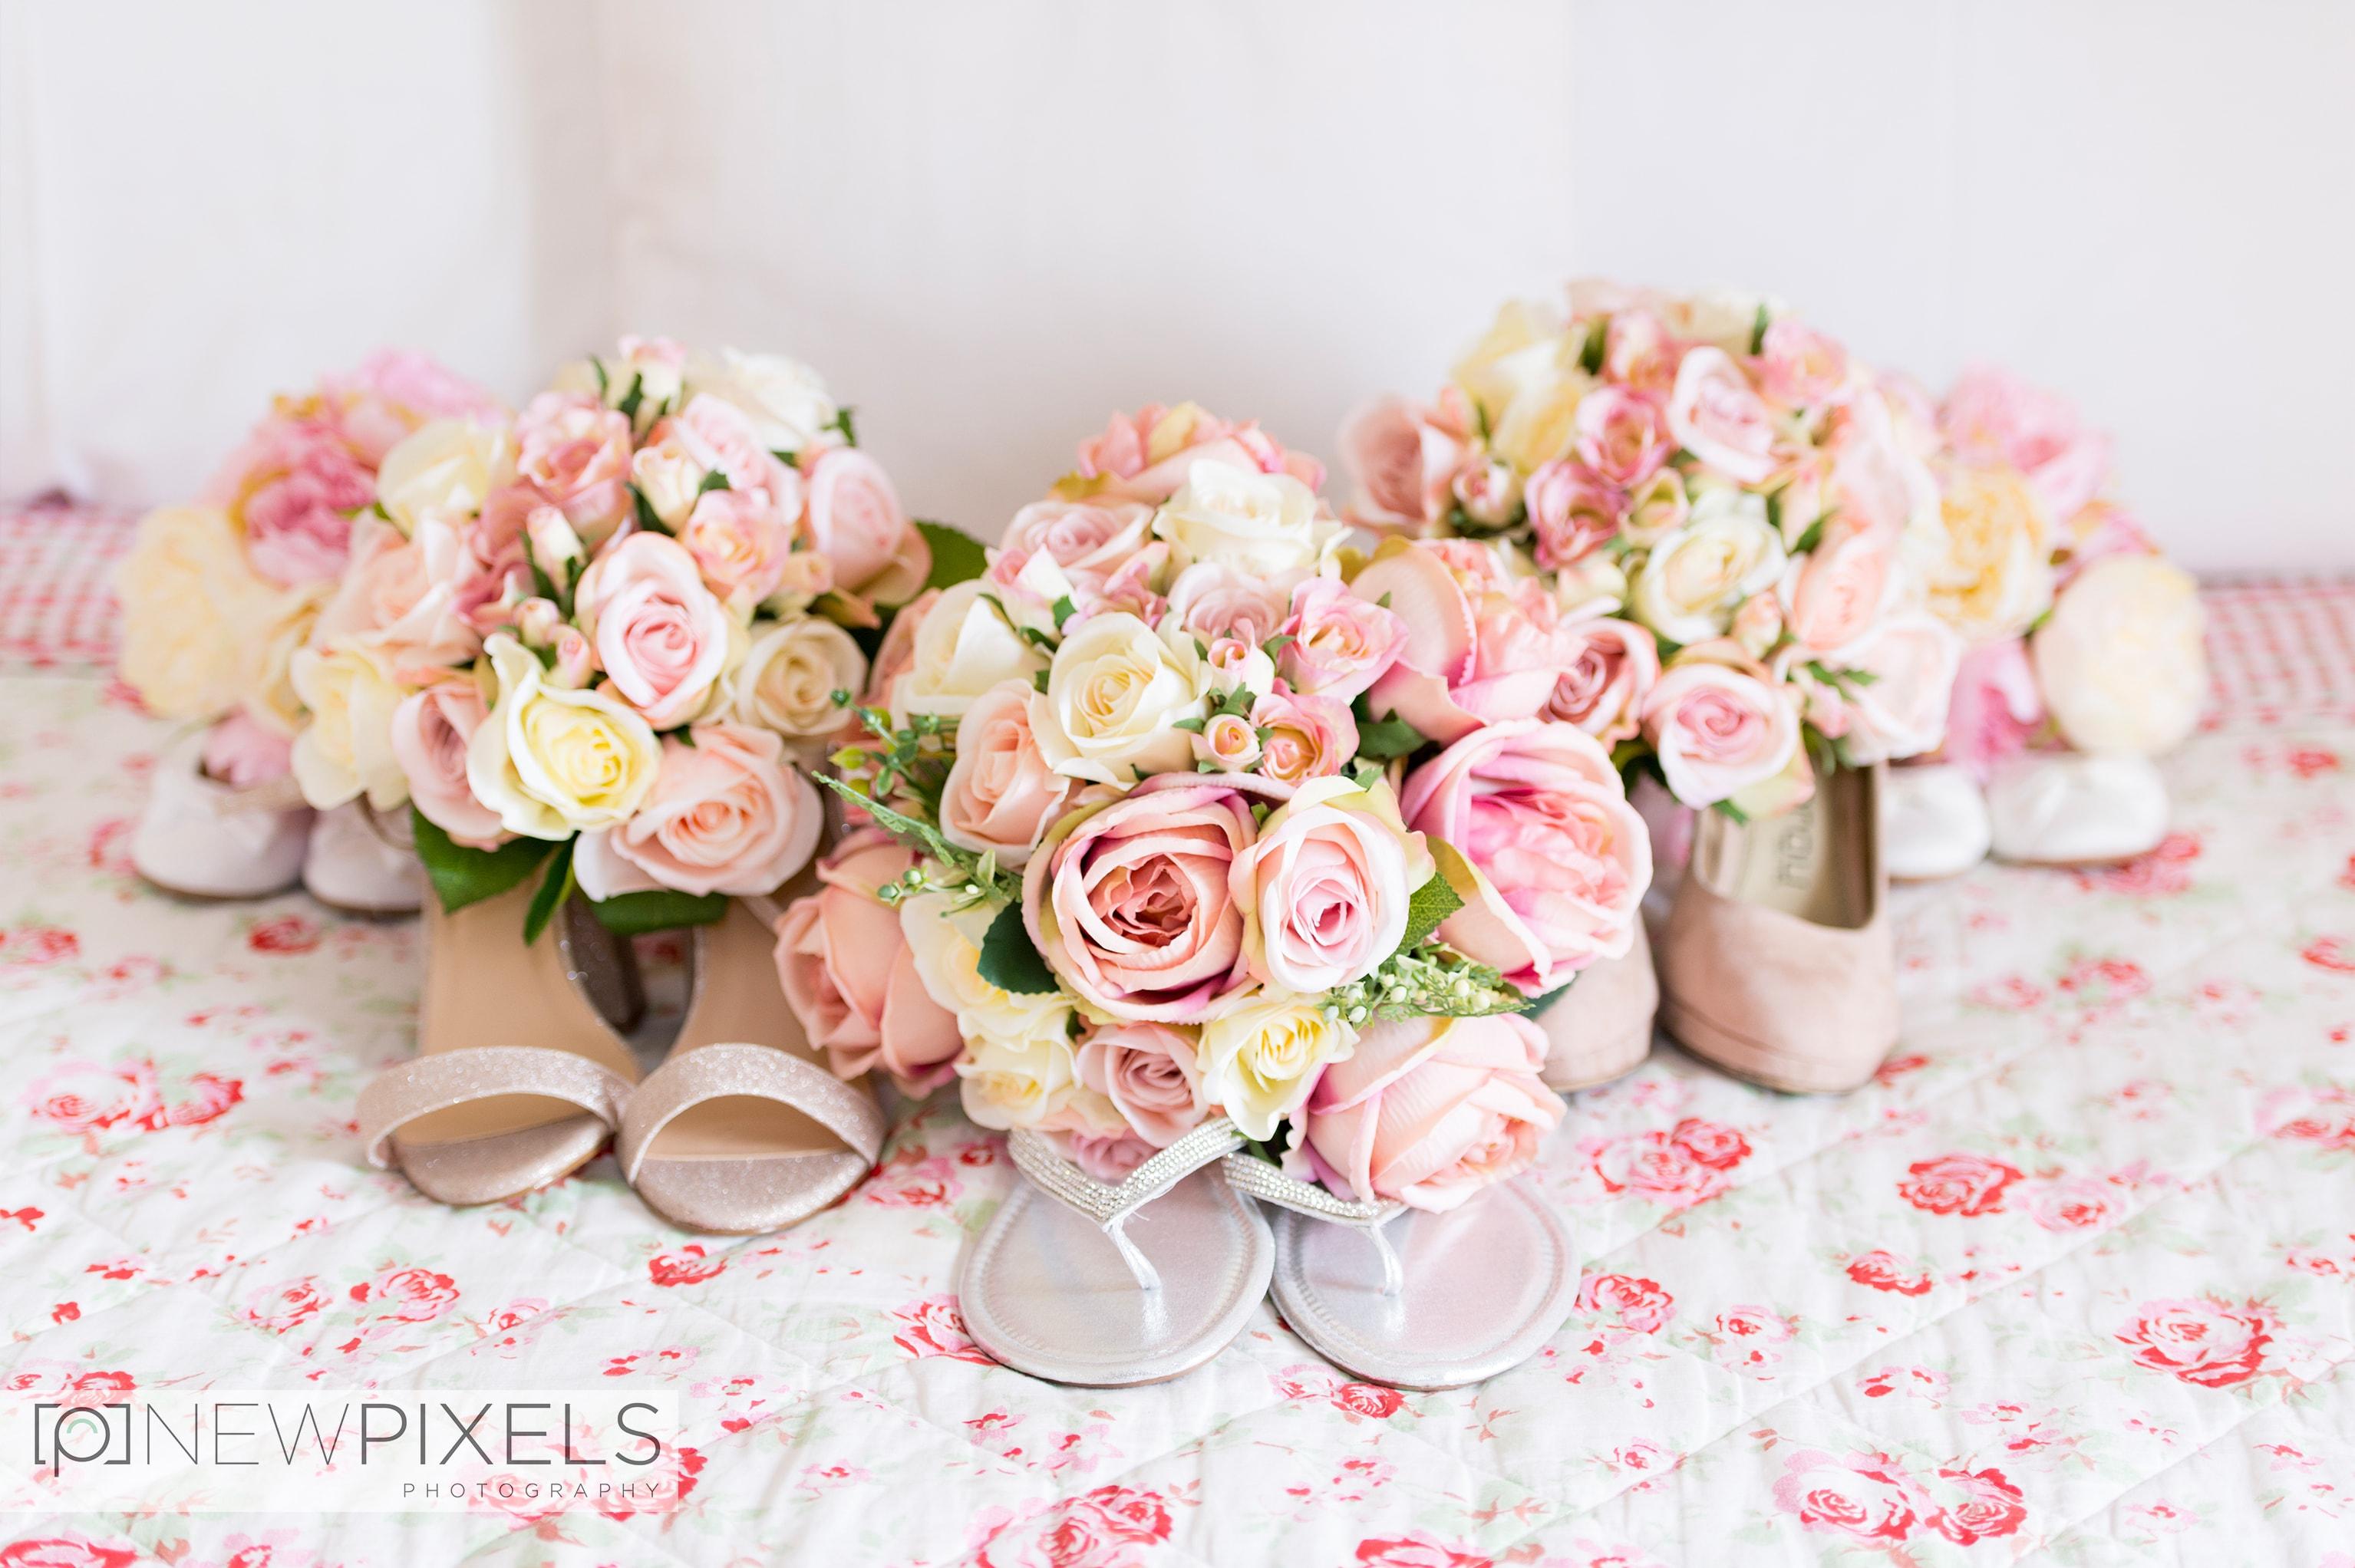 Reid_Rooms_Wedding_Photography_NewPixels35